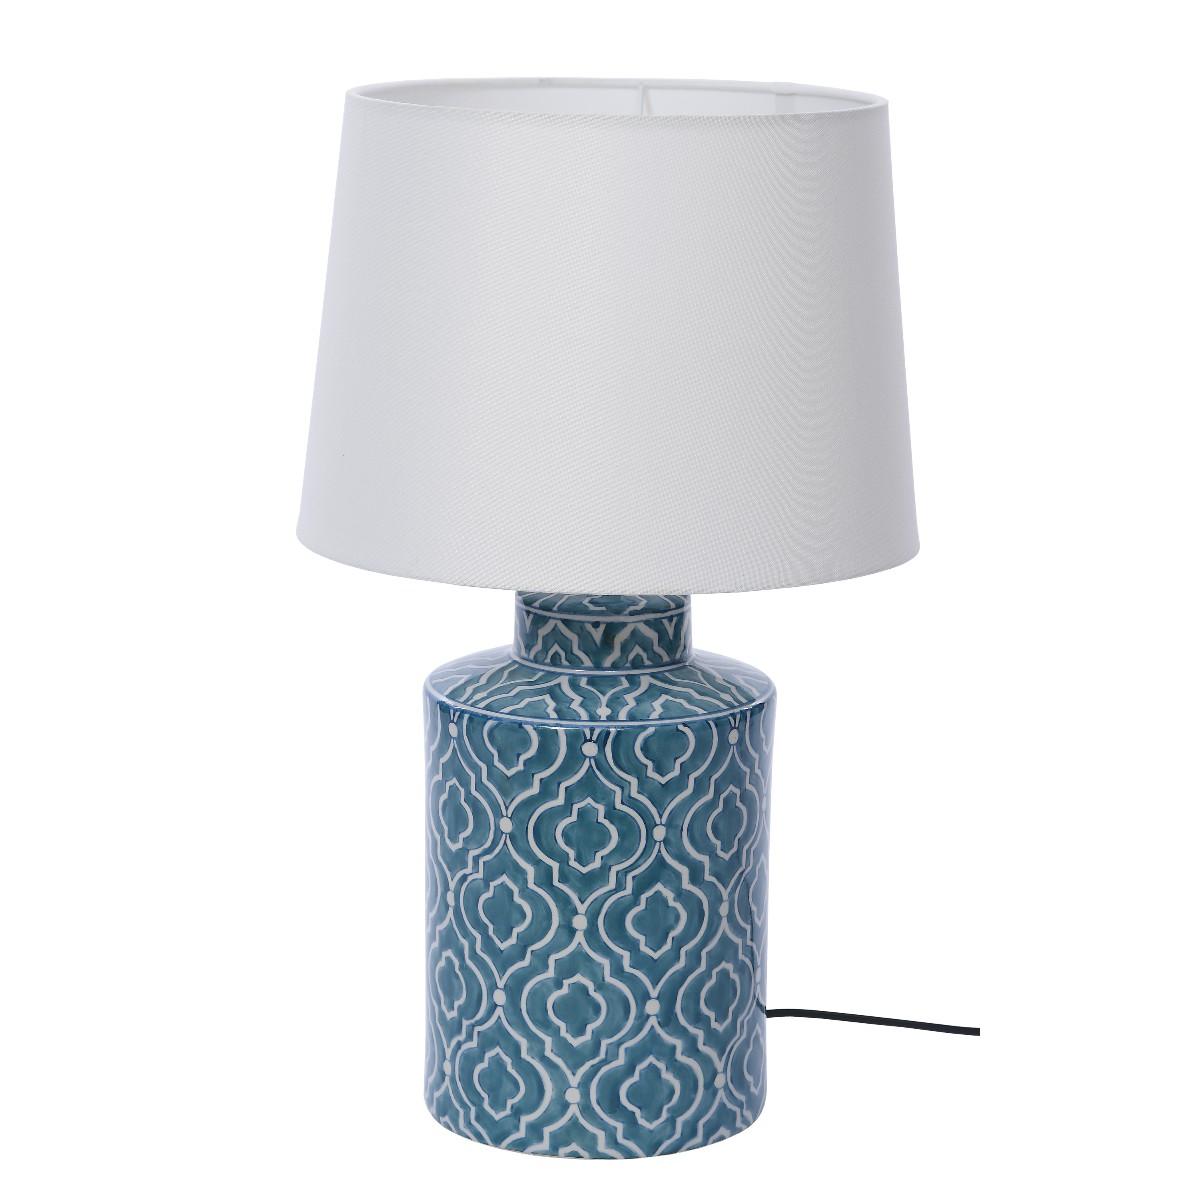 Lampa stołowa Walto 23x23x51 cm